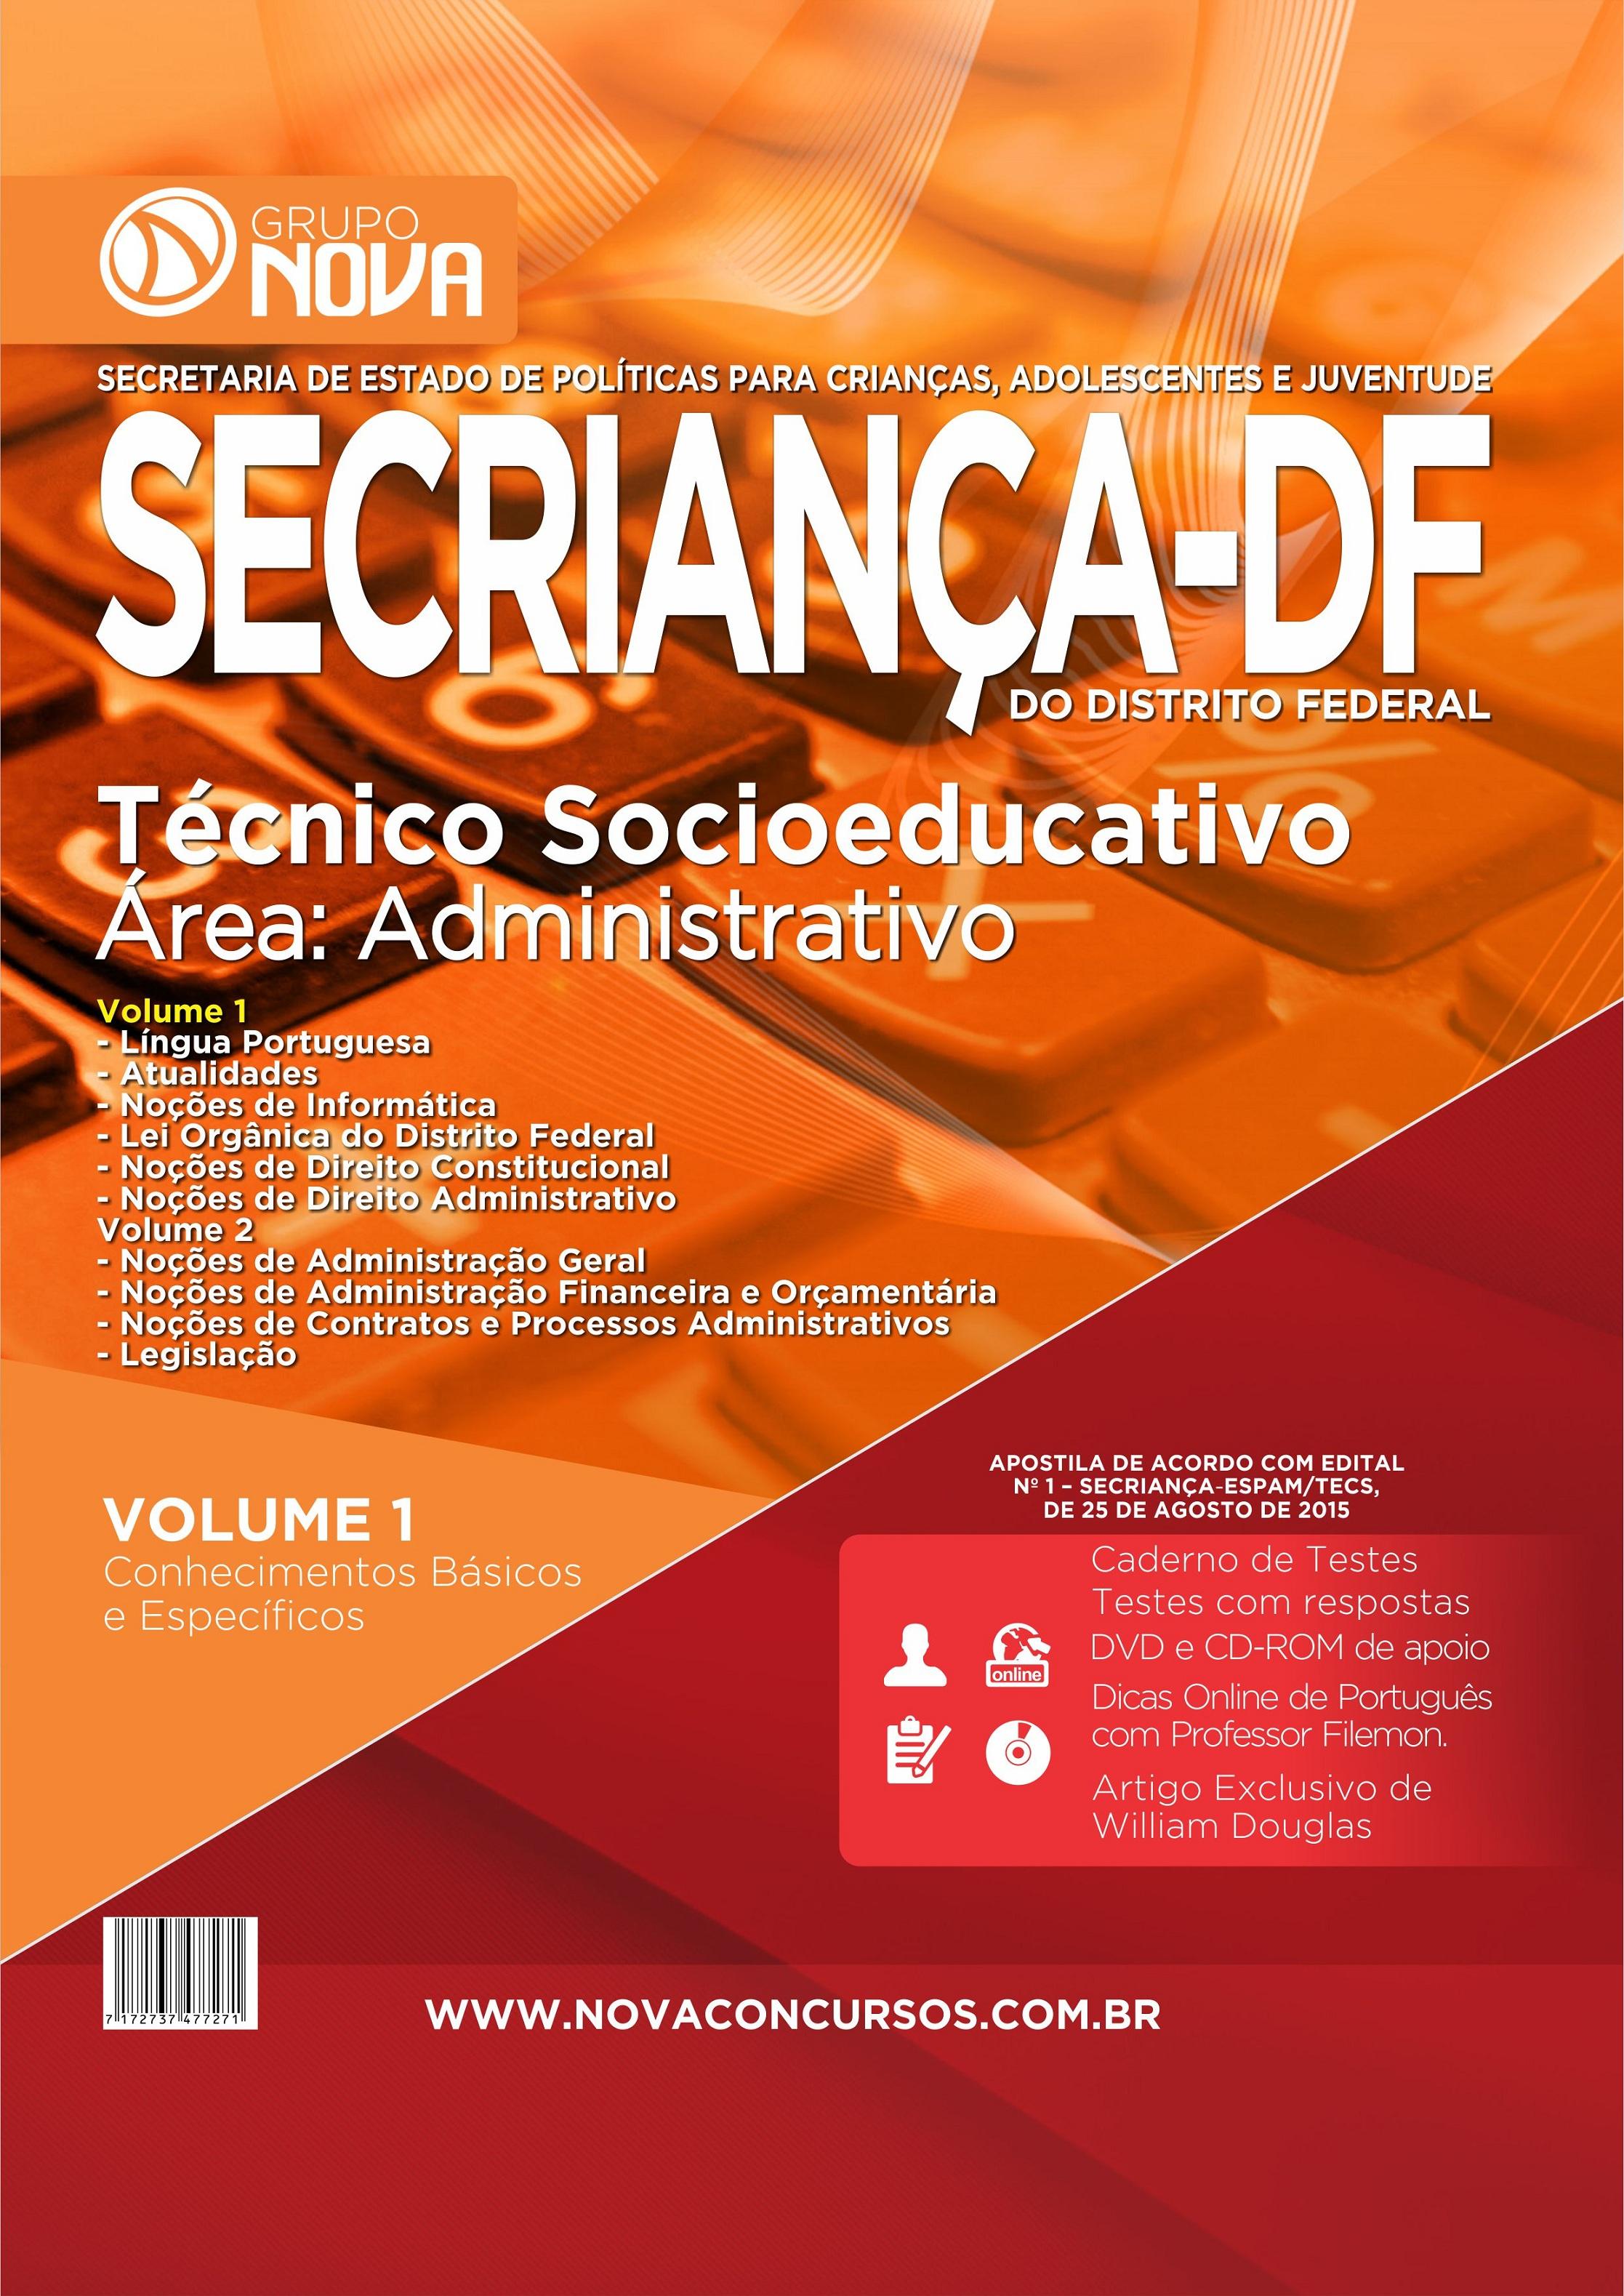 Apostila SECriança 2015 - Técnico Socioeducativo ( Impresso )